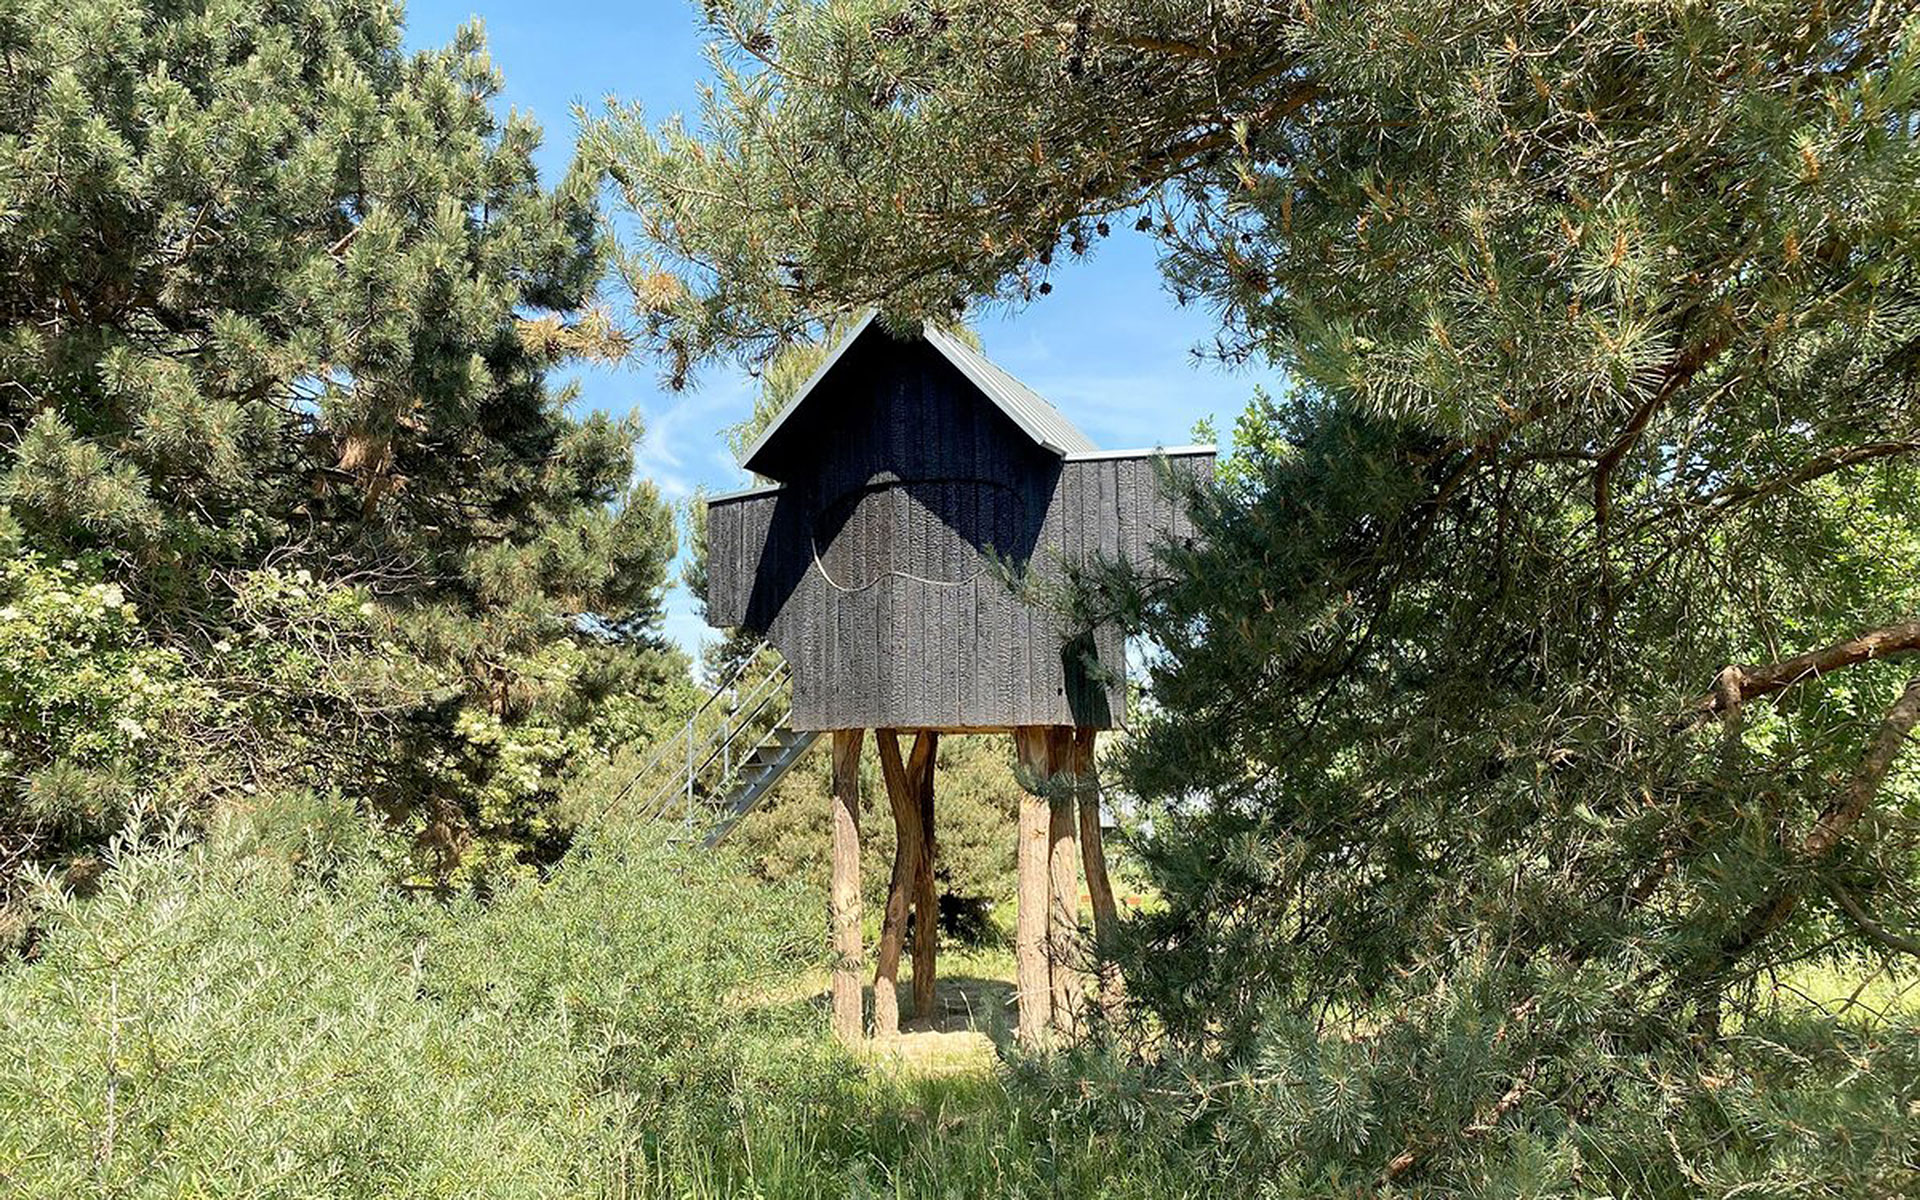 Чайный дом на дереве по проекту Терунобу Фуджимори